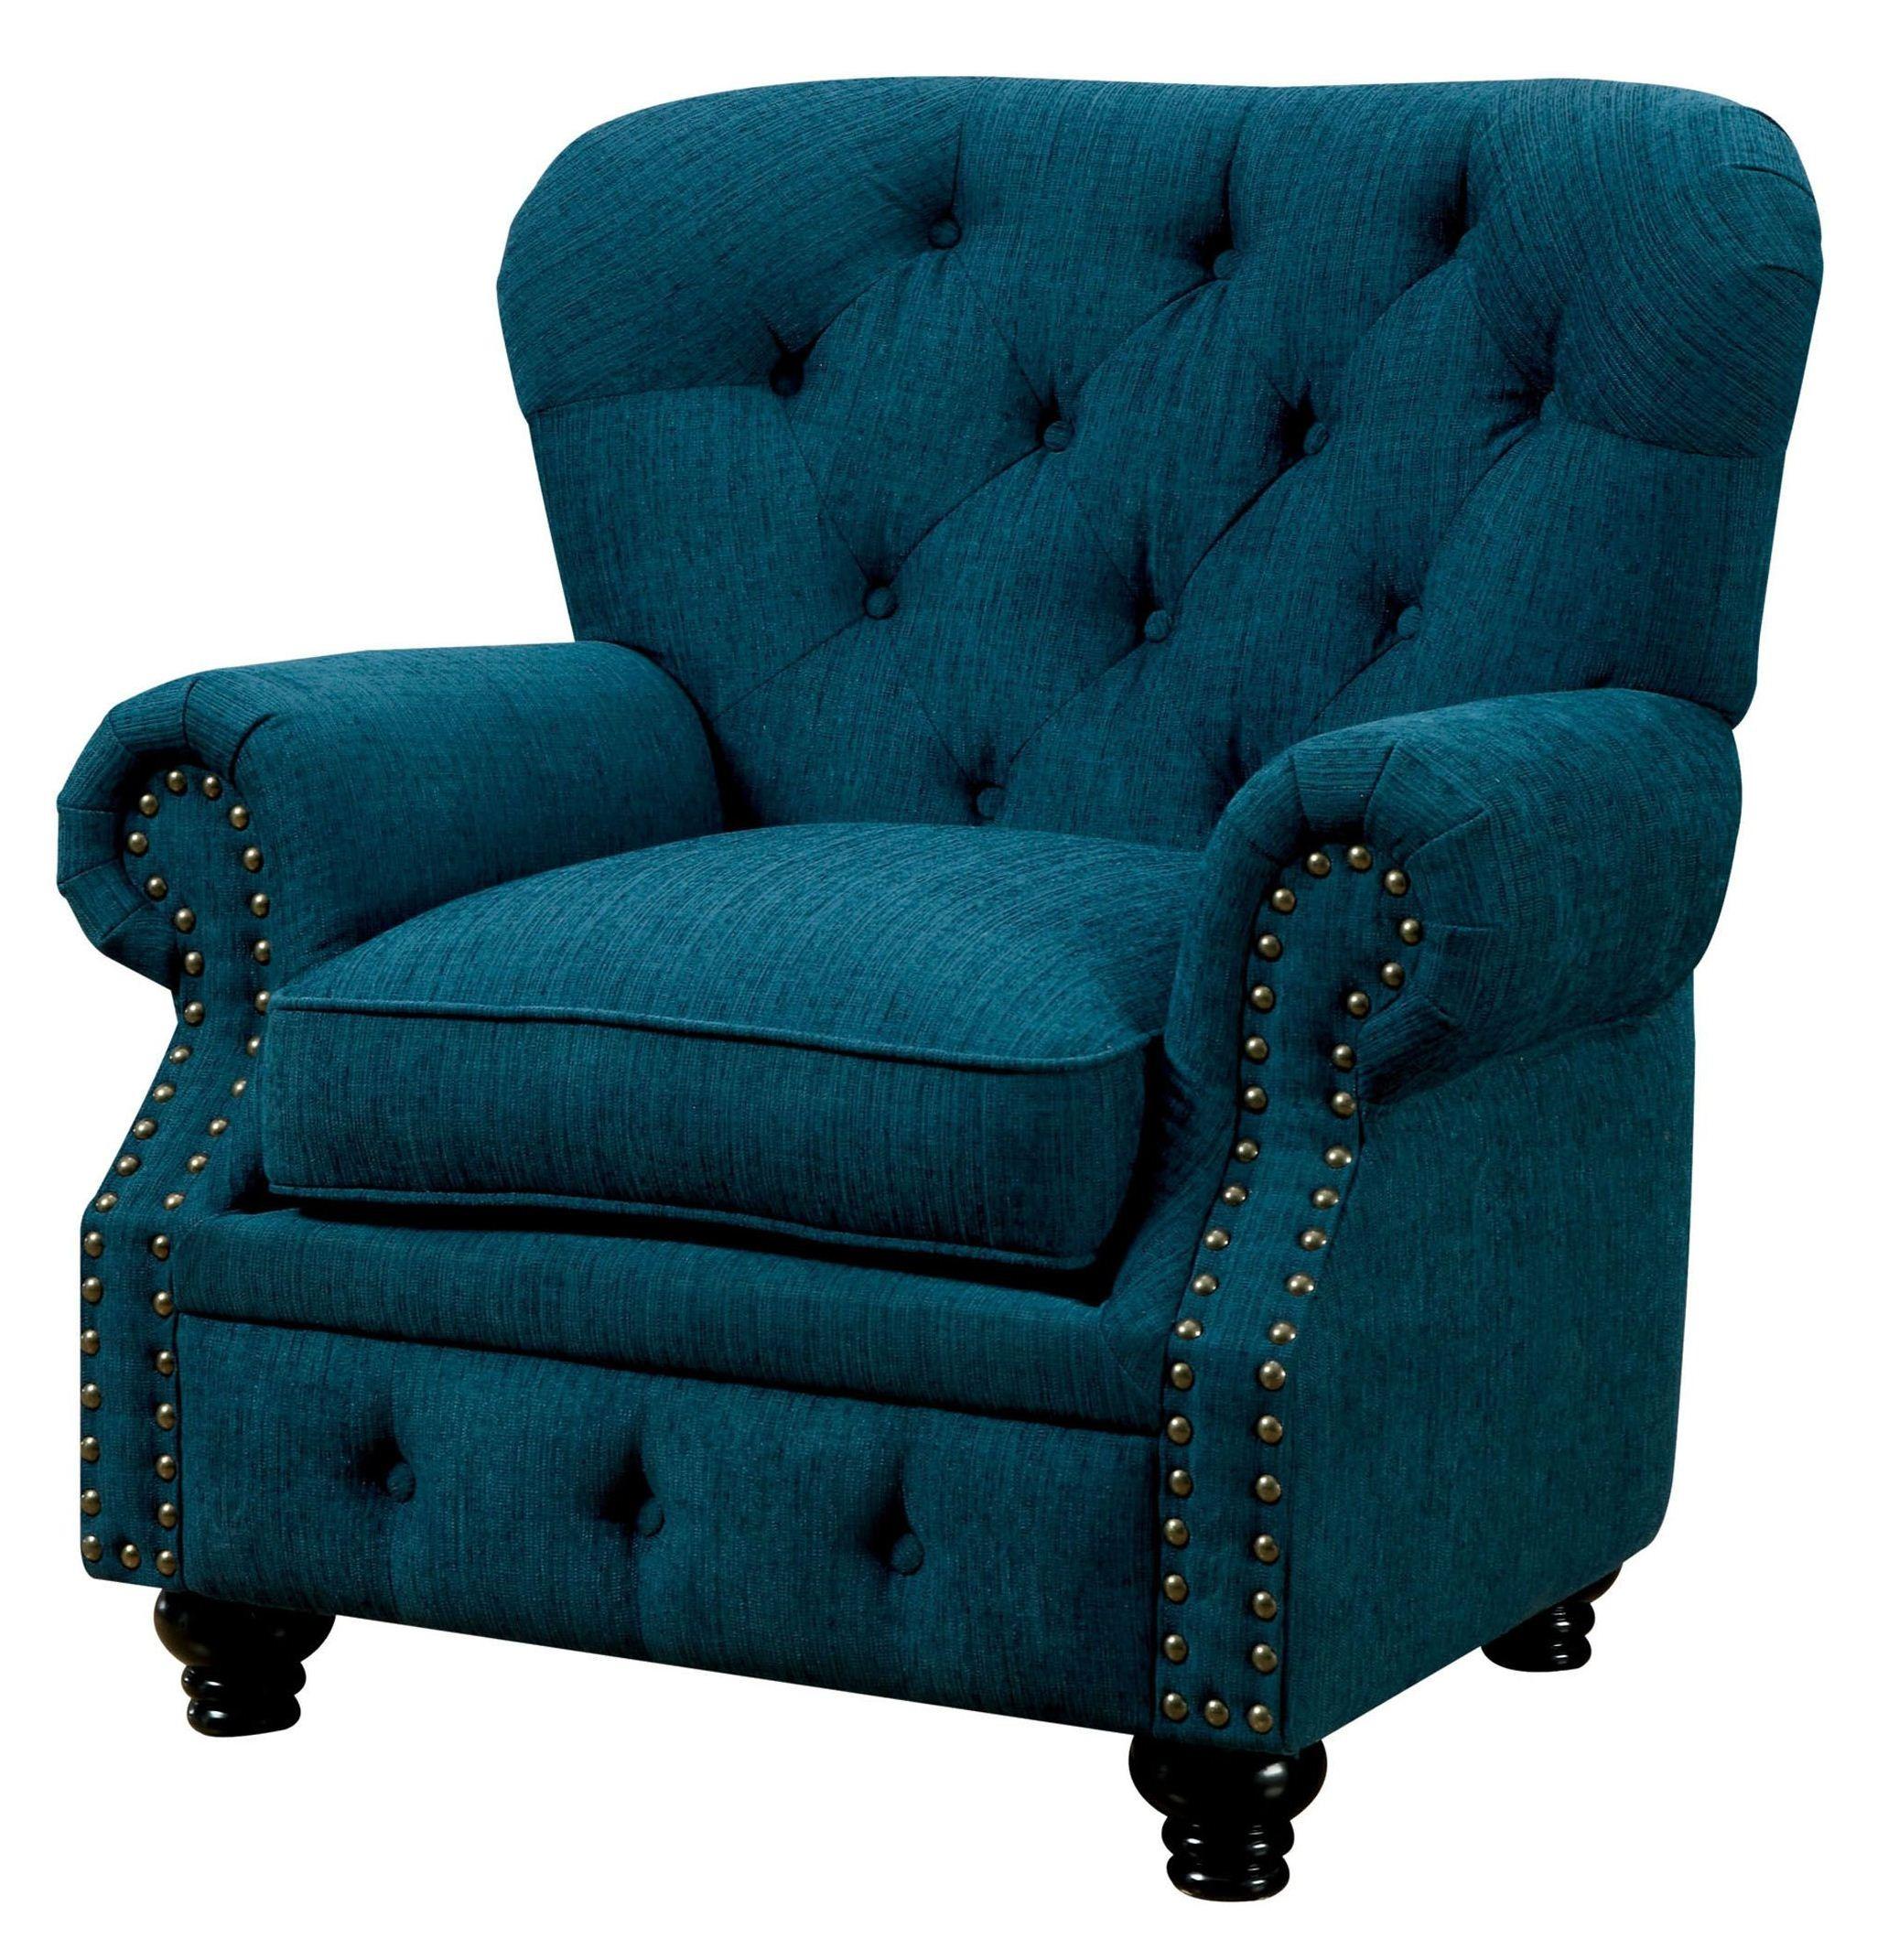 Dark Teal Chair